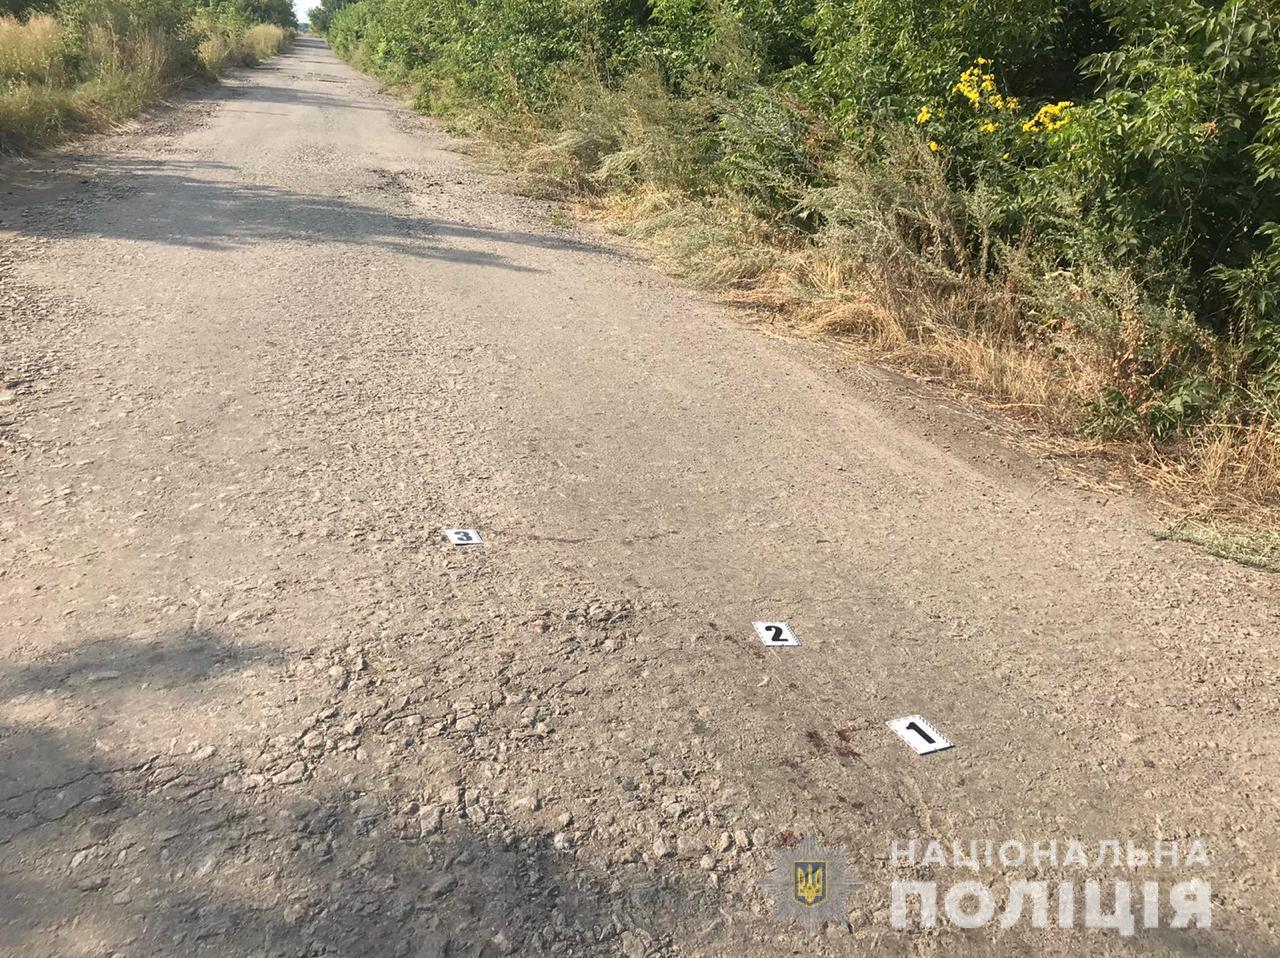 Вонзил нож в шею и скрылся: под Харьковом подросток напал на соседку